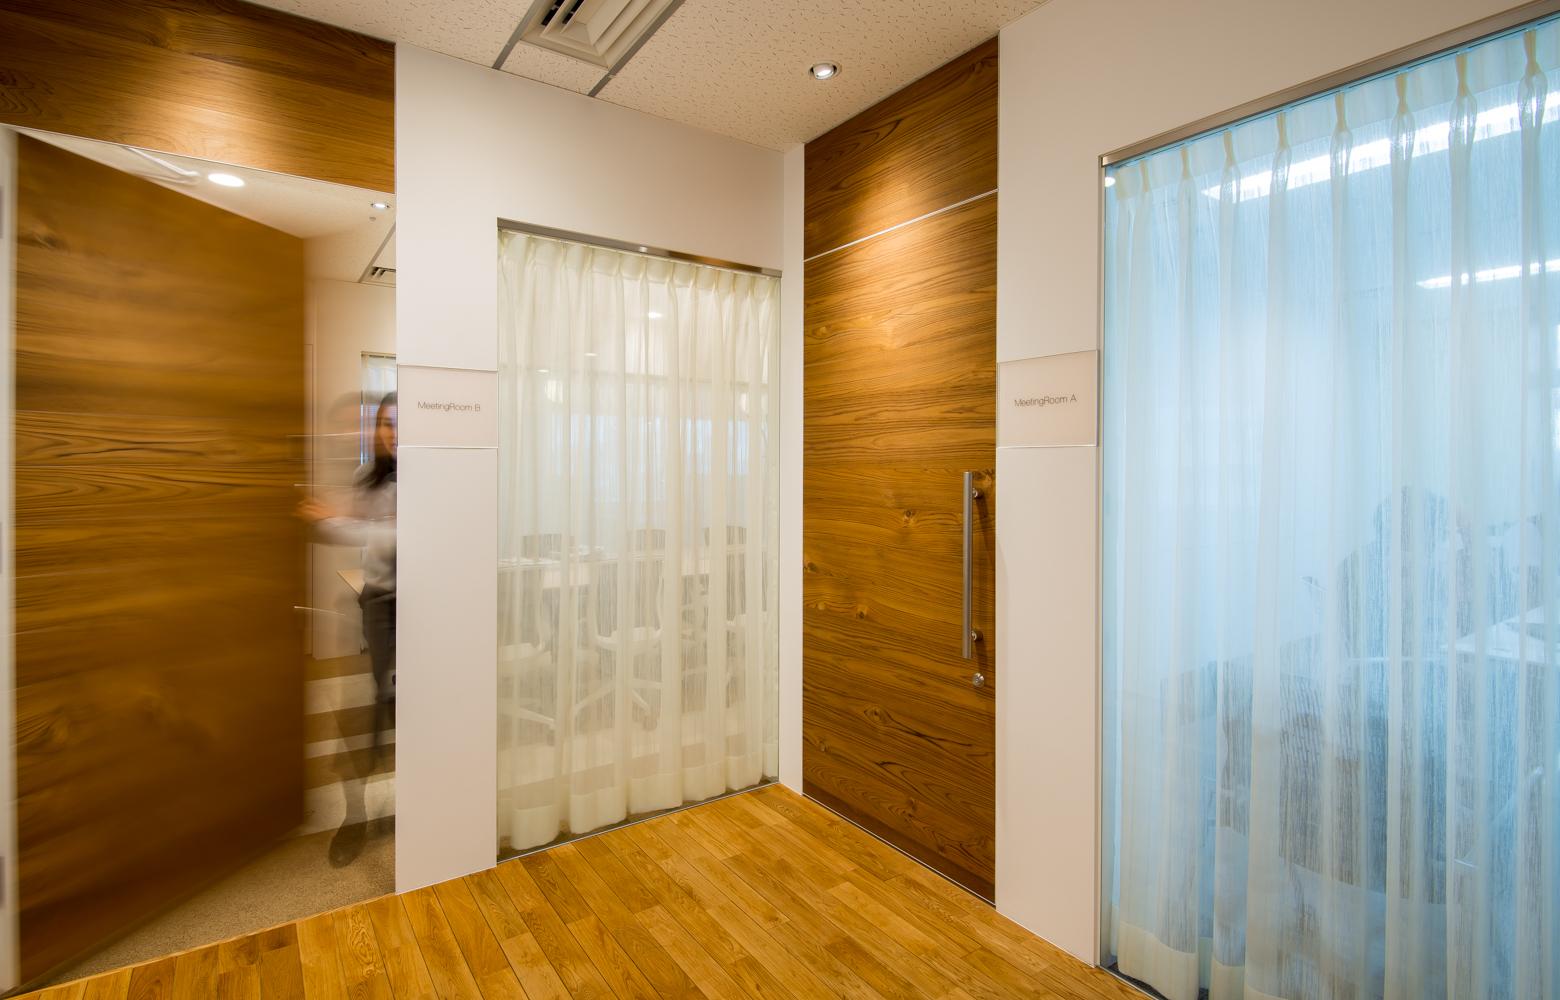 株式会社かいはつマネジメント・コンサルティング Meeting Room Door デザイン・レイアウト事例